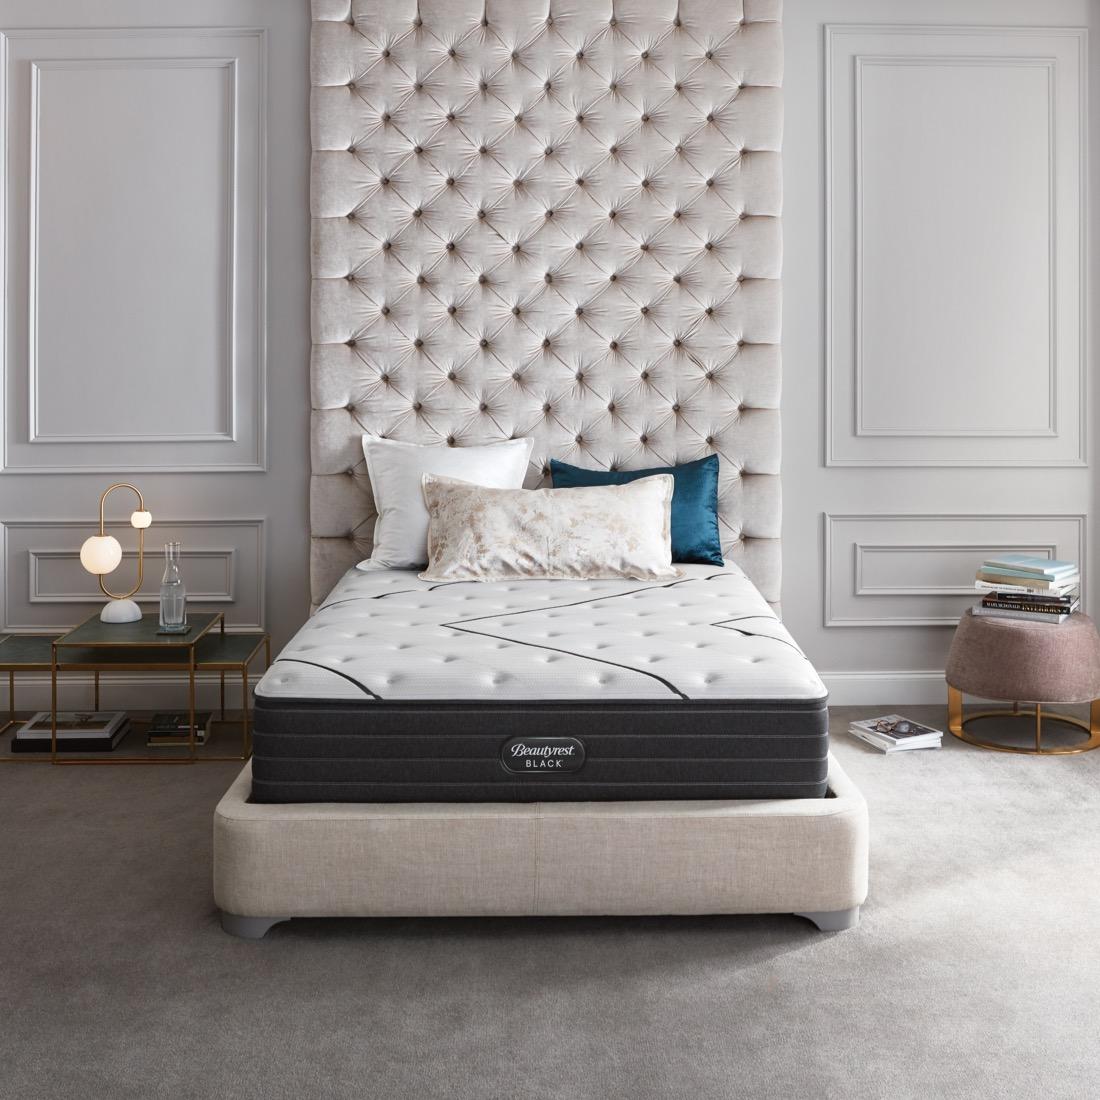 medium firm luxury cooling mattress beautyrest black